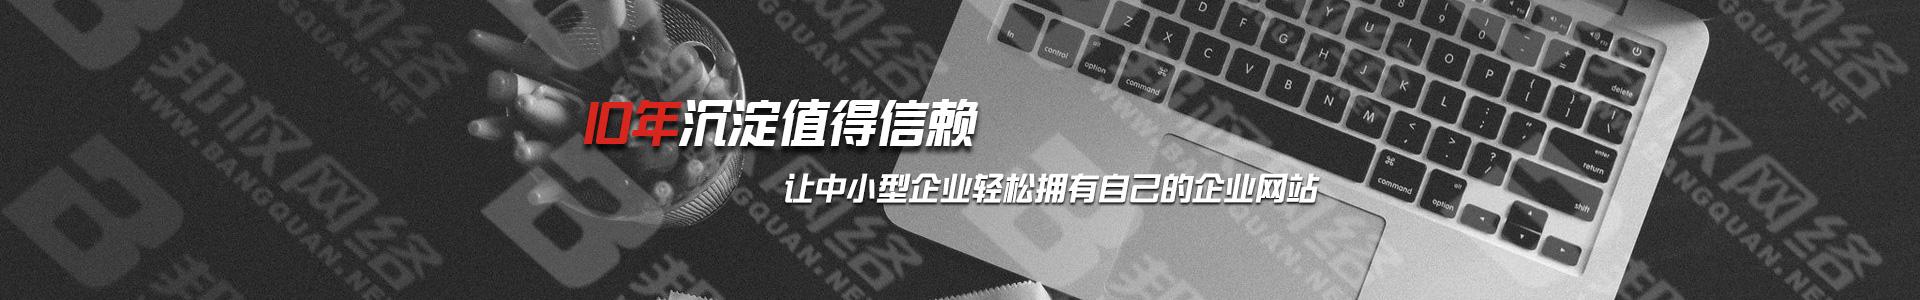 泽网精选网站主题